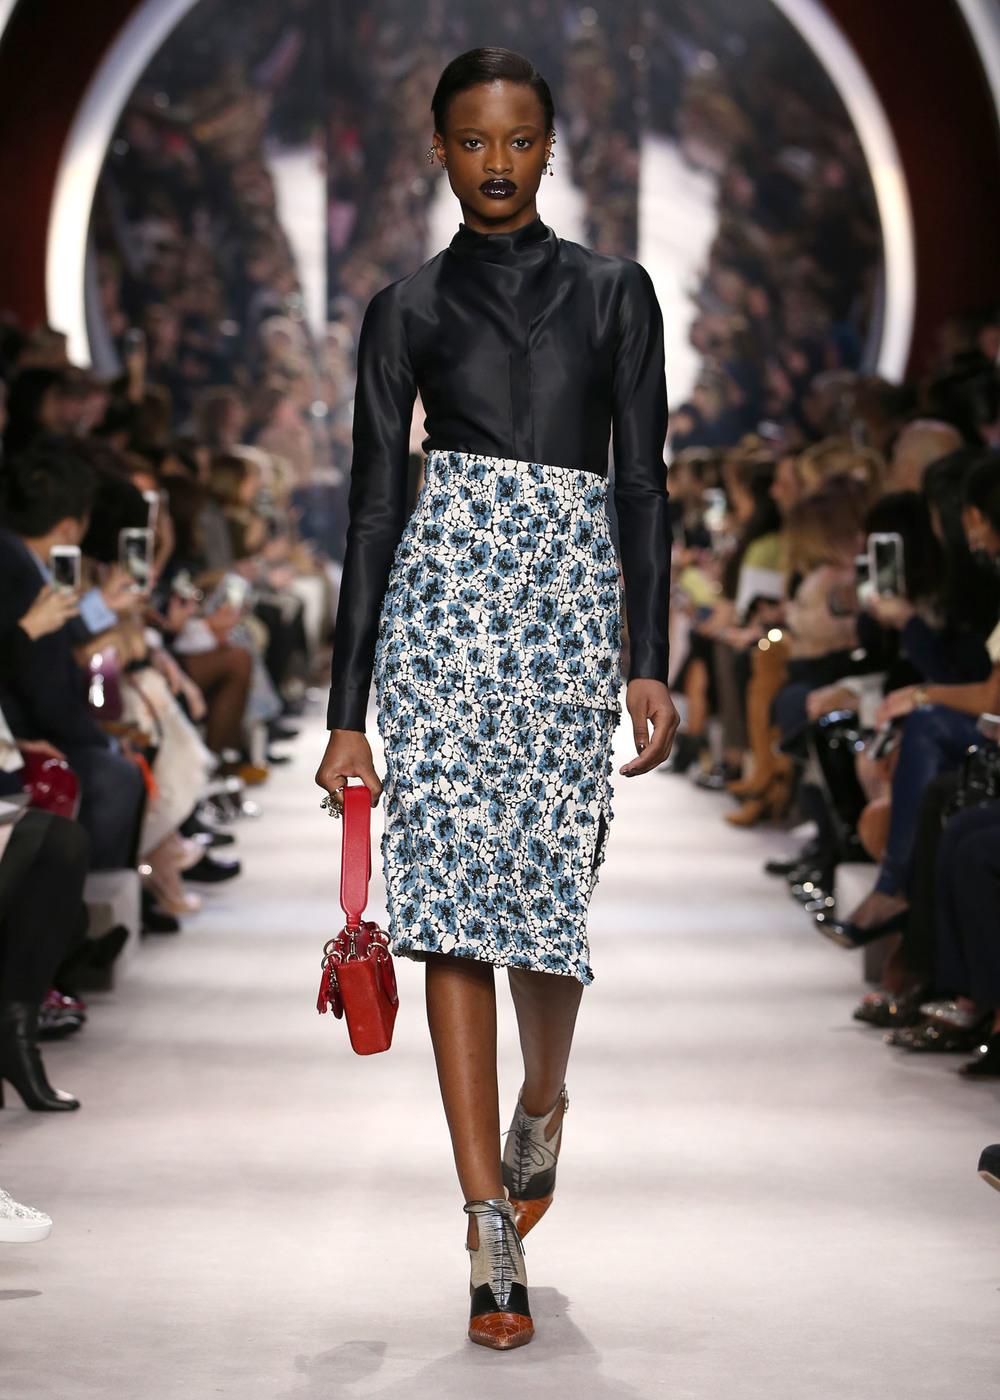 Who doesn't love an amazing skirt with a killer shirt? // Me encanta, siempre me ha encantado la combinación de falda alta con camisa... y esta está pero preciosa =)